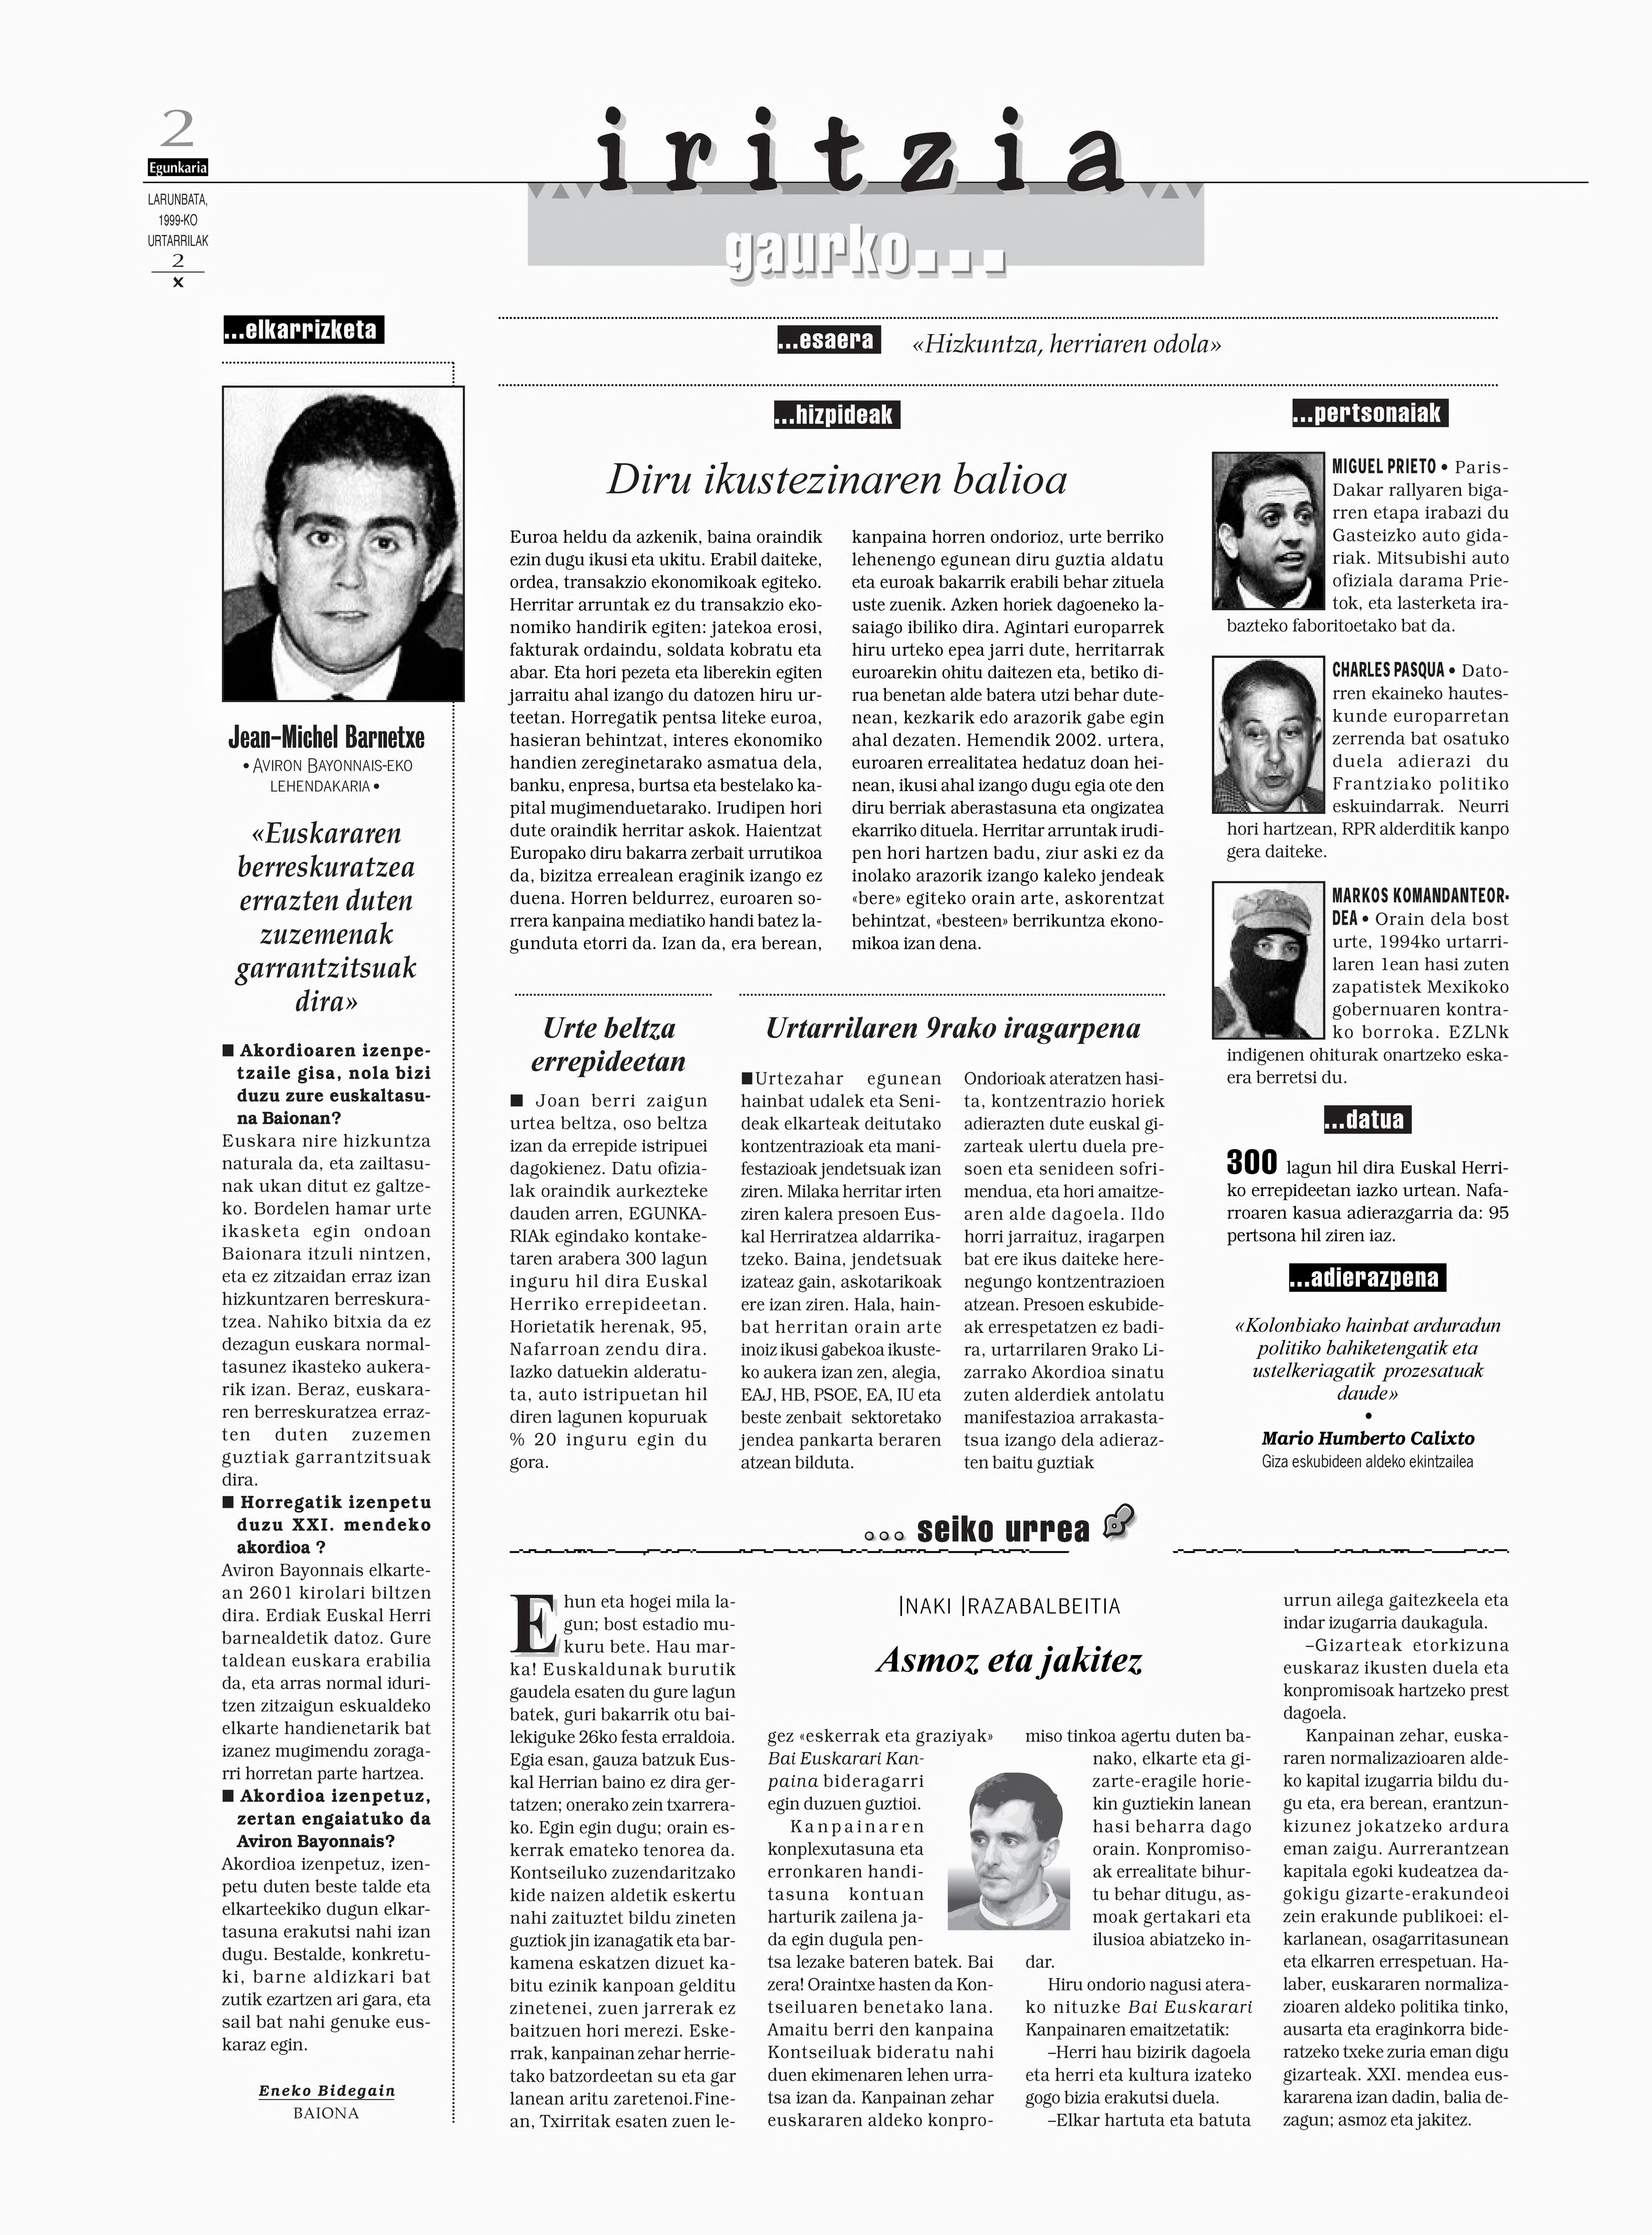 1999ko urtarrilak 2, 02. orrialdea